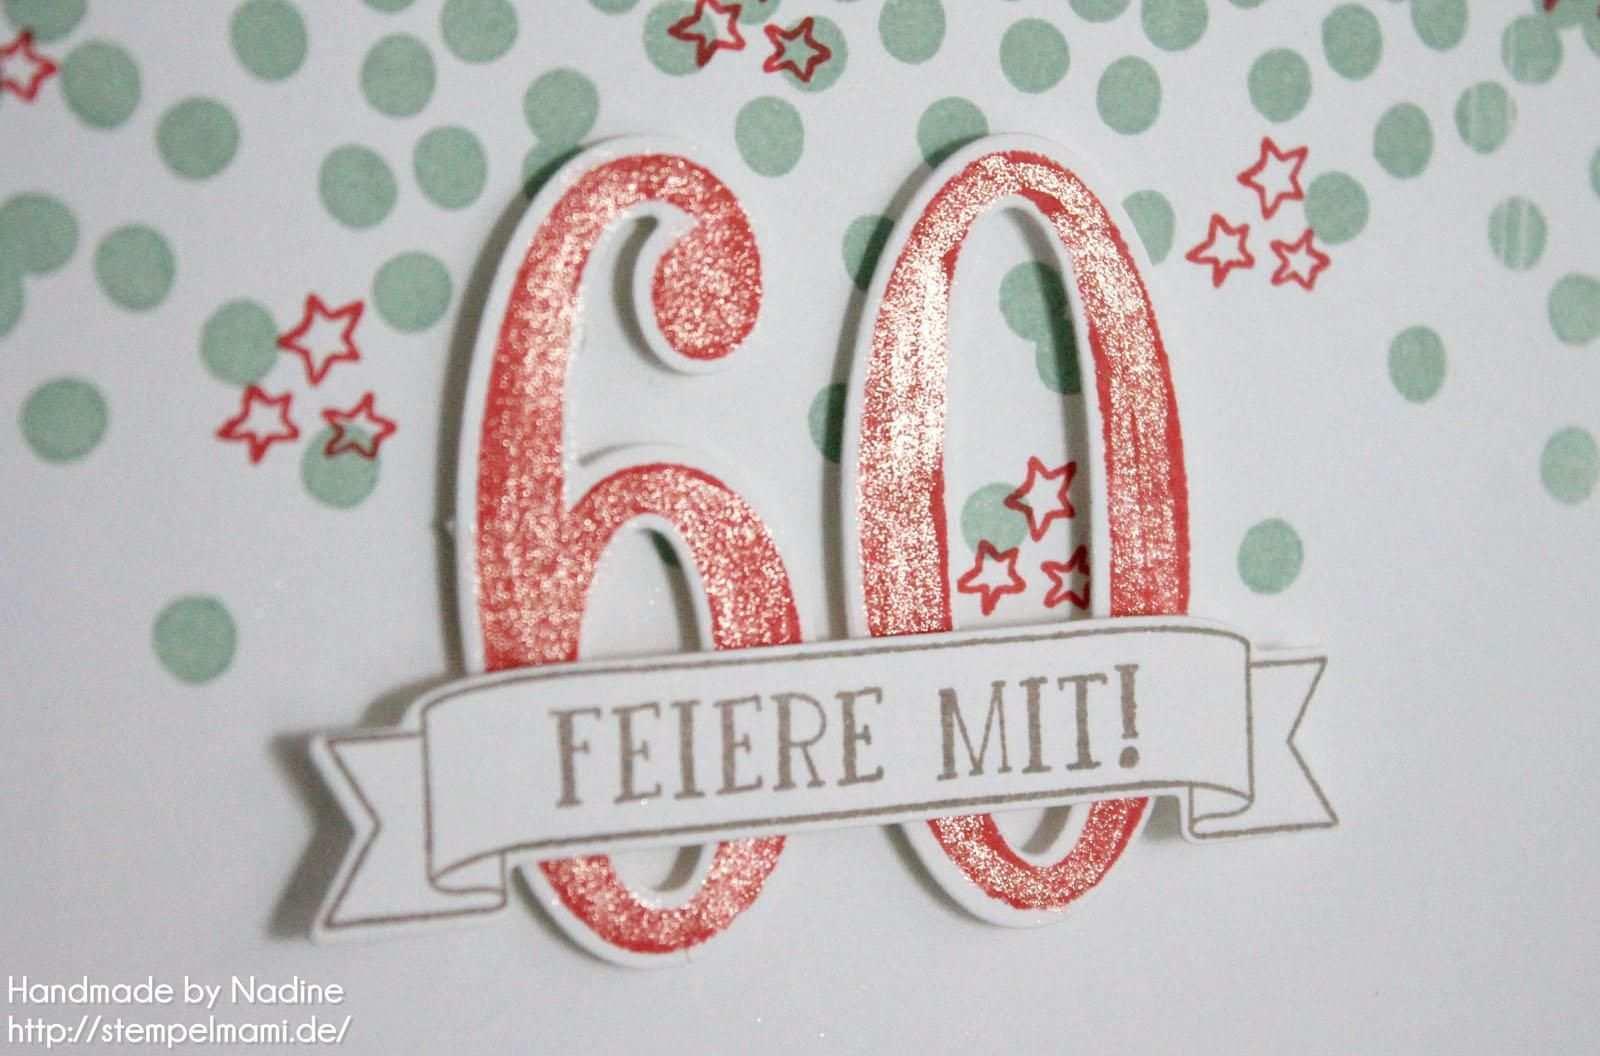 Einladungskarten 60 Geburtstag Kostenlos Oder Vorlagen Einladungskarten 60 Gebu Einladungskarten 60 Geburtstag Einladung Geburtstag Einladung 60 Geburtstag